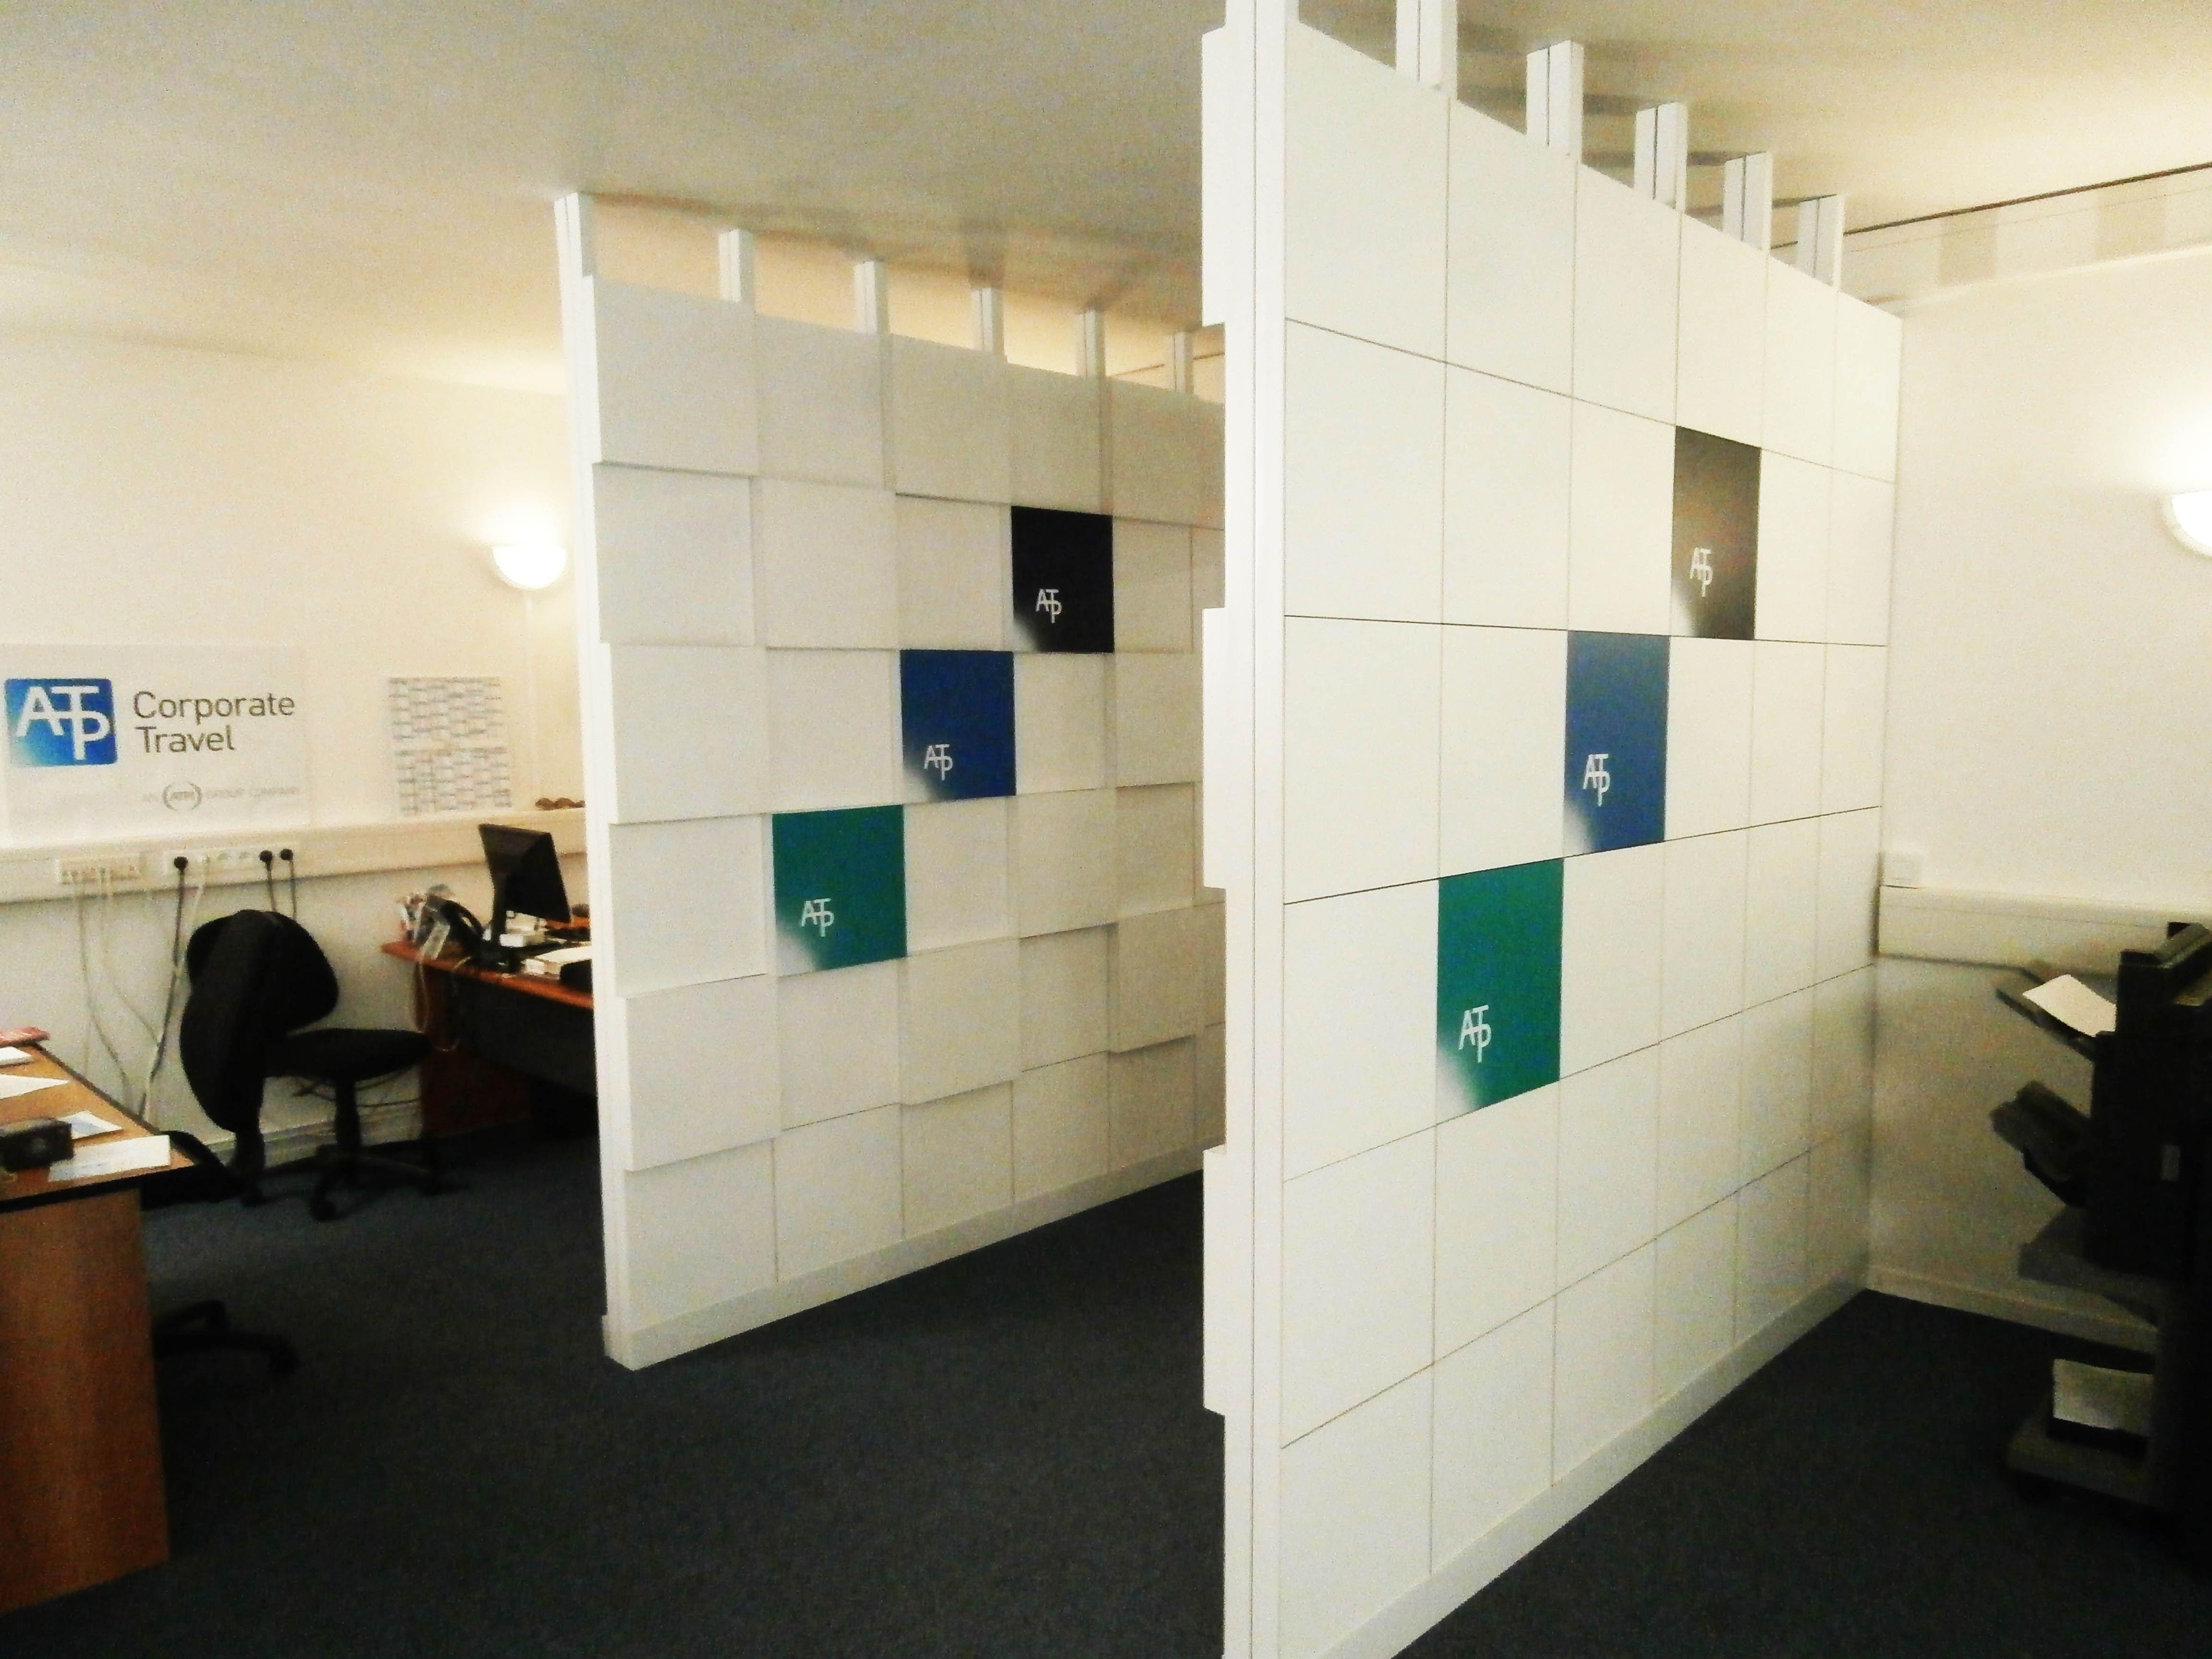 Tabiques separadores de ambientes de serastone para - Separador de ambientes ...